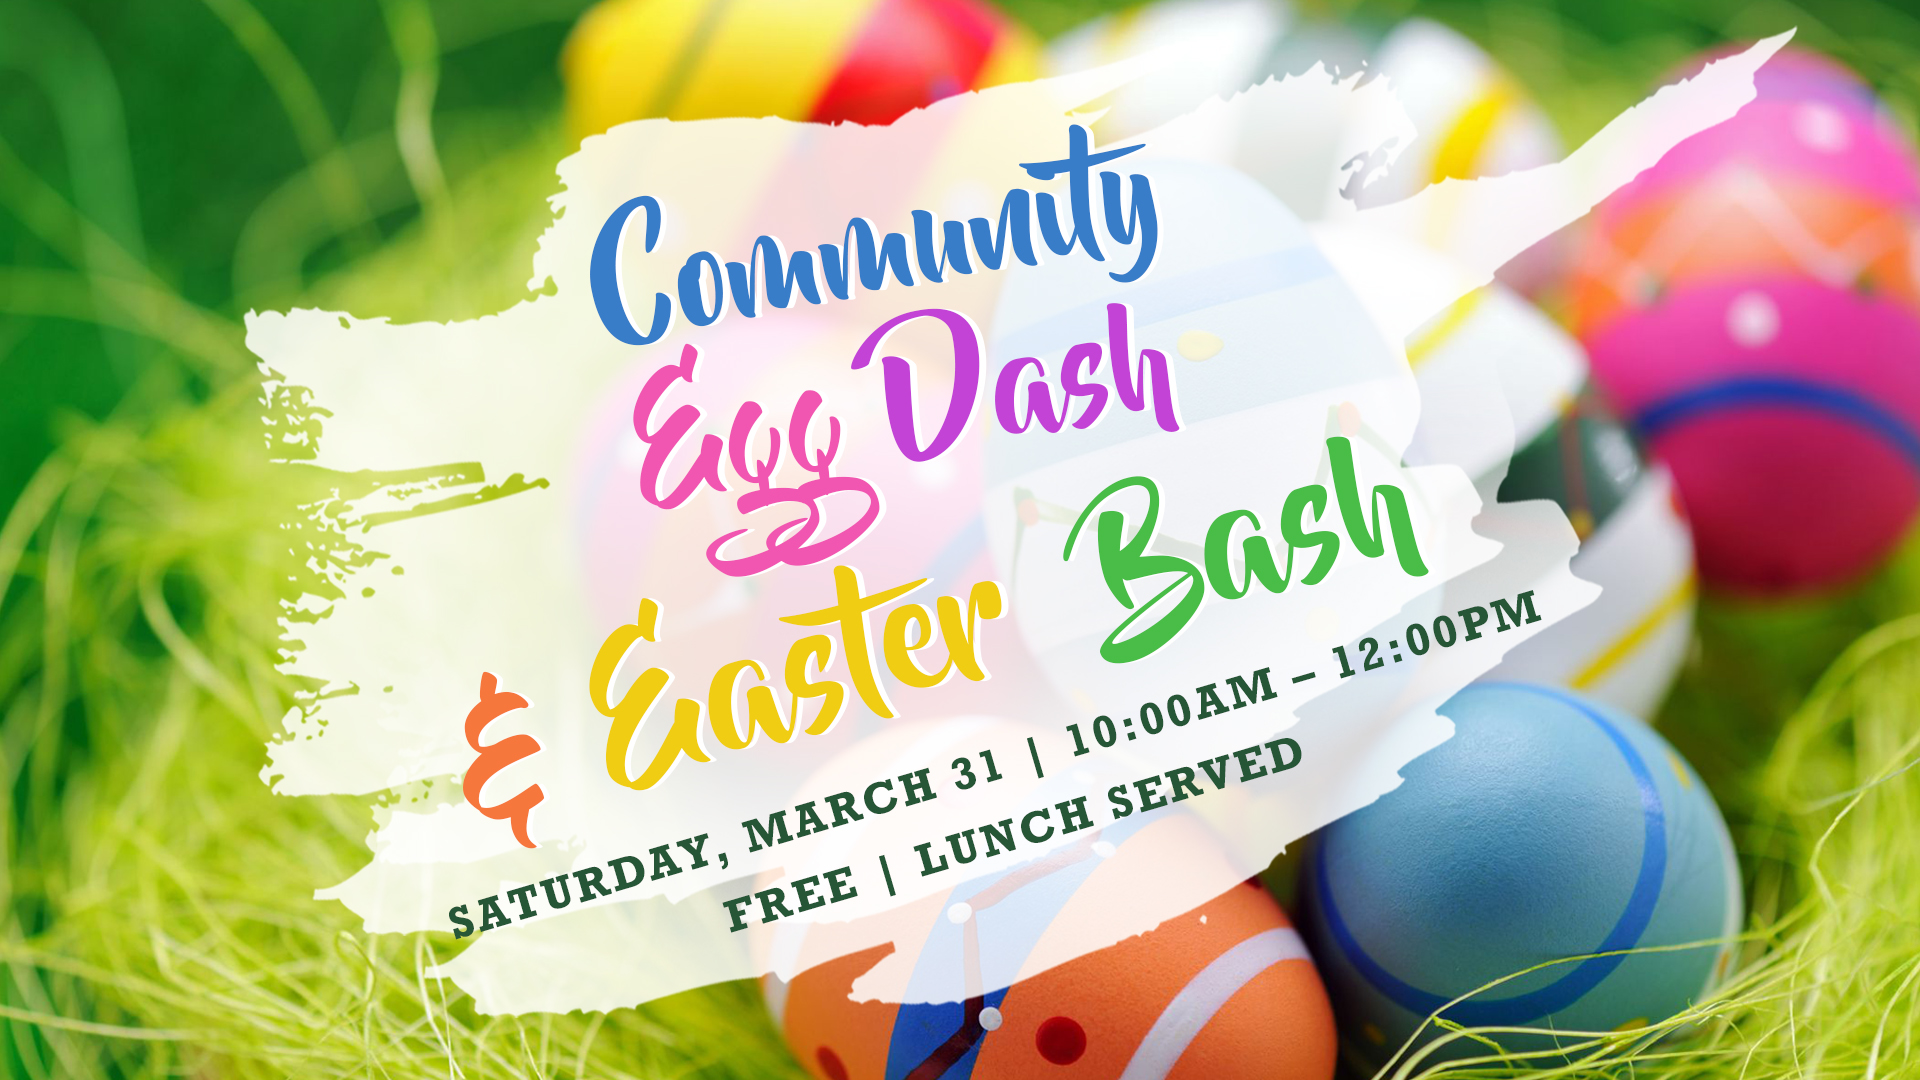 Easter bash   slide with details